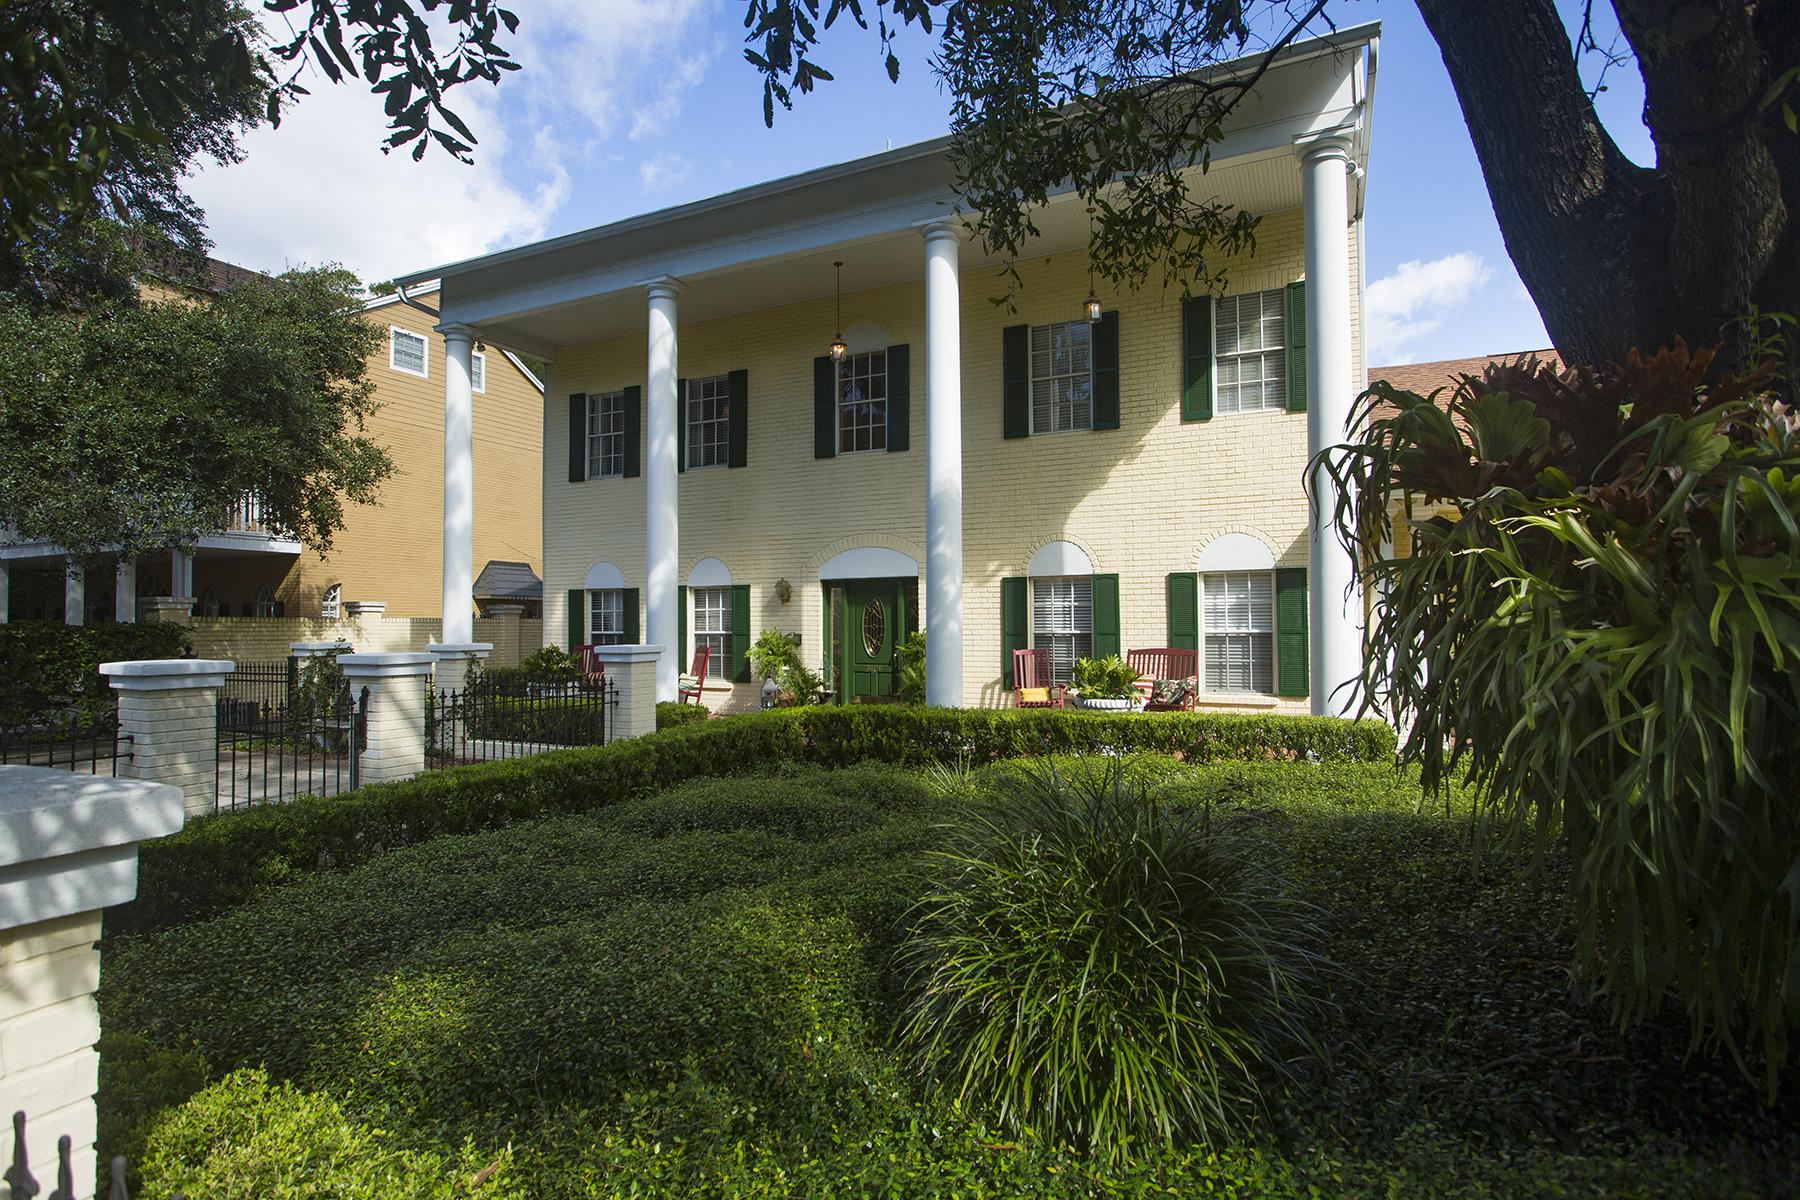 Casa Unifamiliar por un Venta en SOUTH TAMPA 3409 W Mckay Ave Tampa, Florida, 33609 Estados Unidos